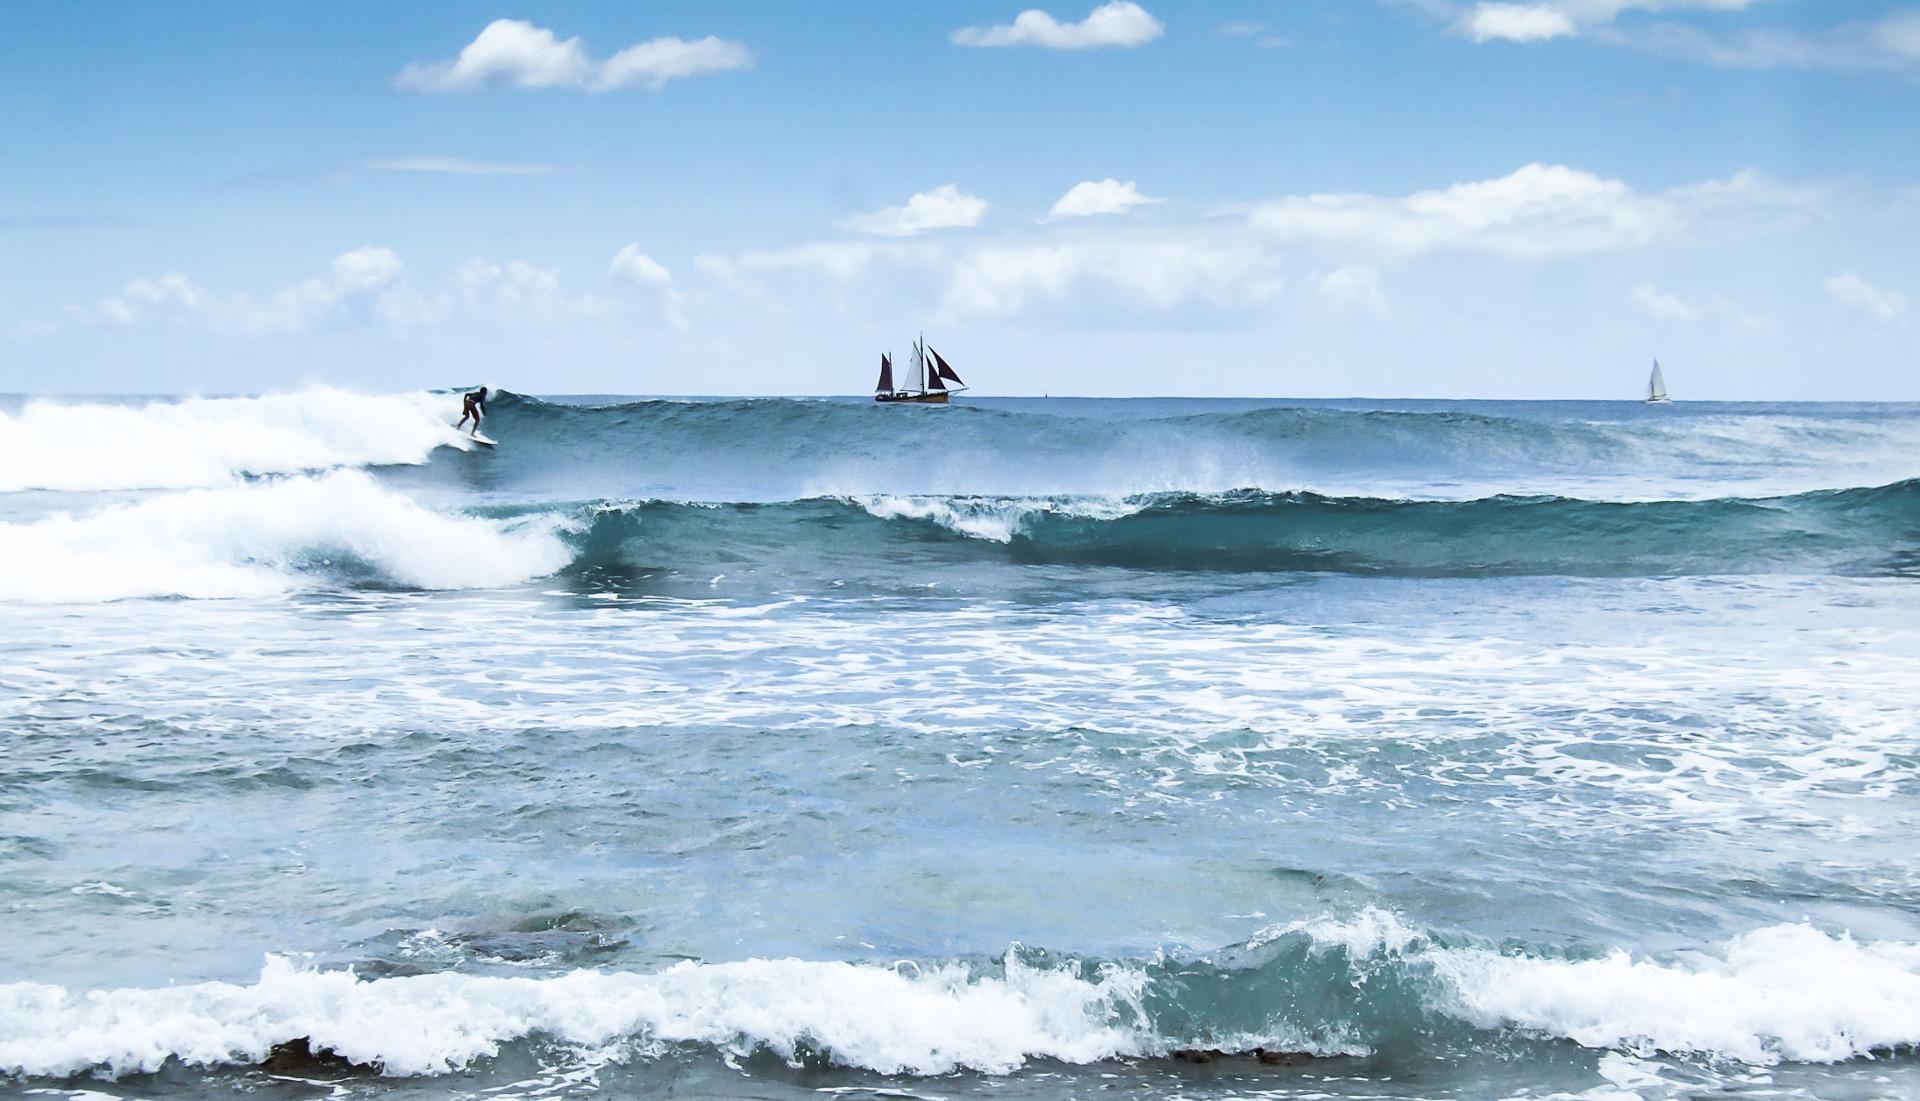 le surfeur, les bateaux et la mer